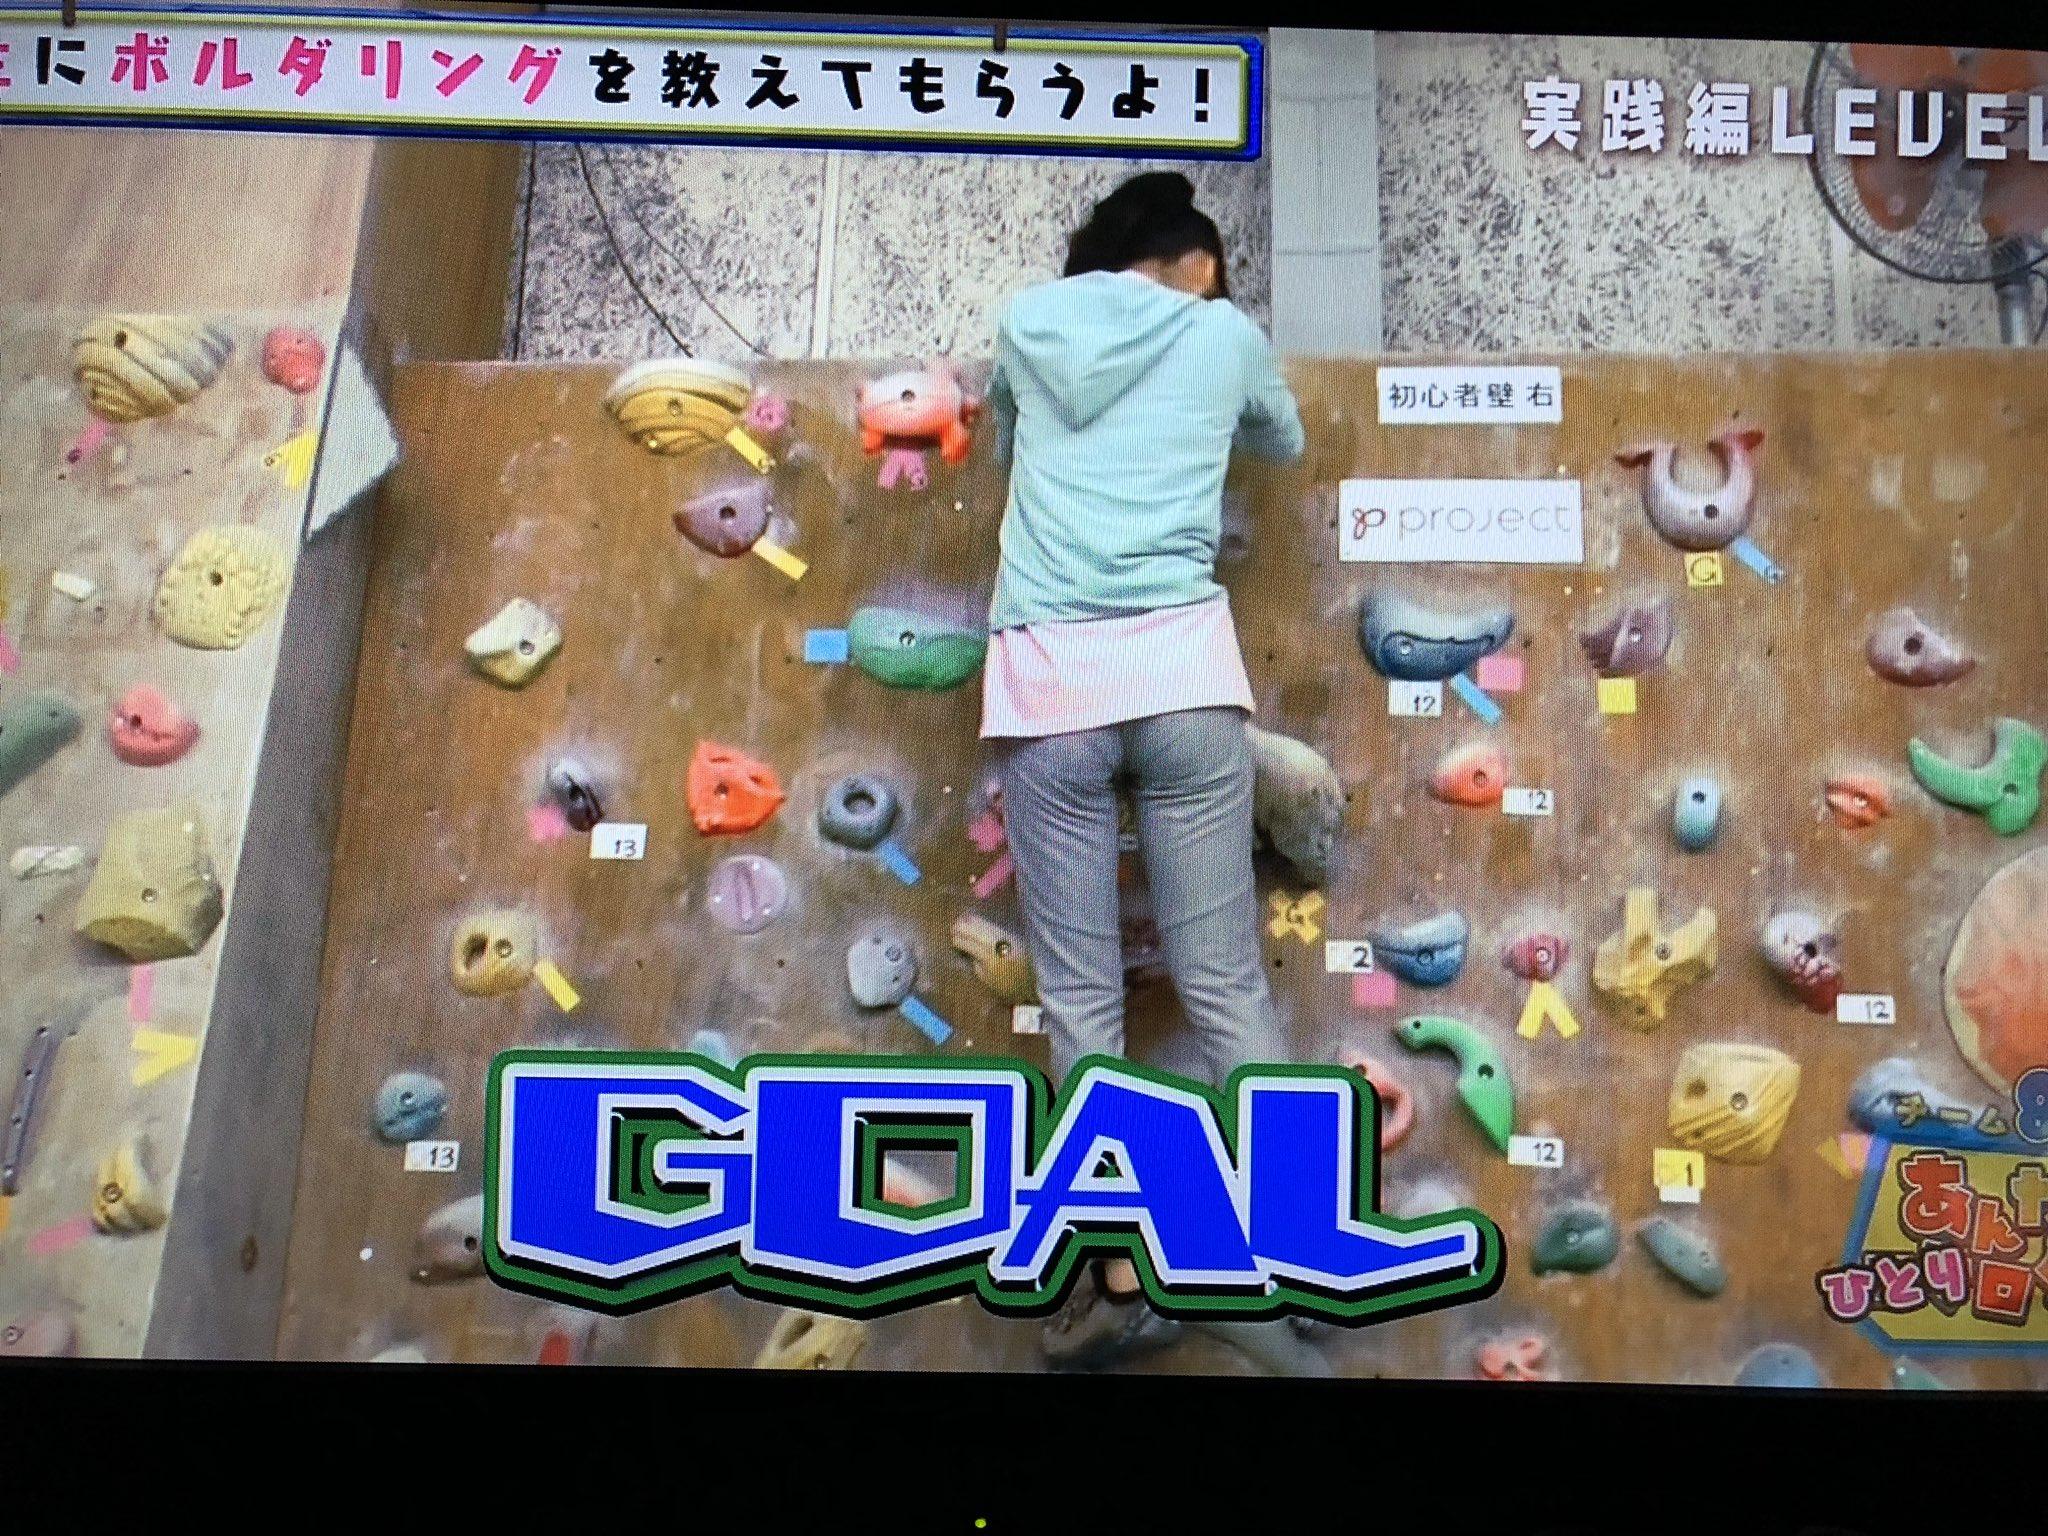 小栗有以ちゃんの初冠番組「チーム8のあんた、ひとりロケ!先生教えて!小栗旅!」がネ申番組だった件